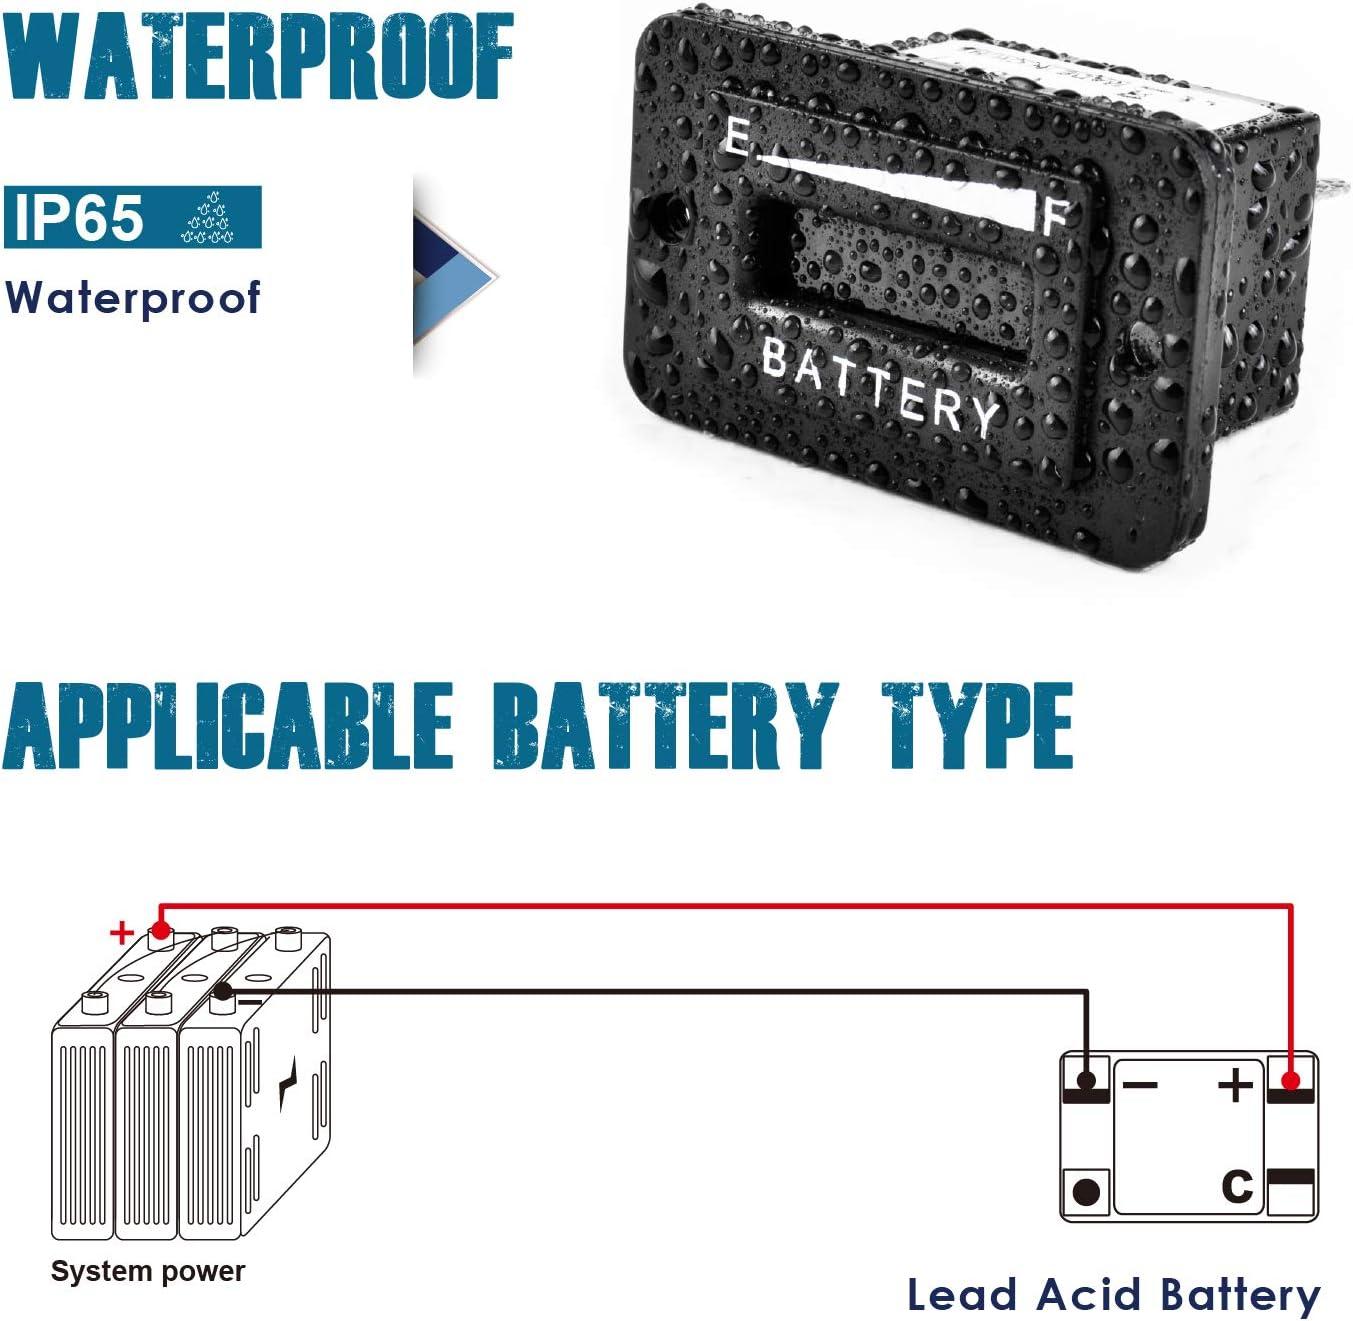 anzeige indikator für dc golfwagen boden auf ausrüstung und andere batteriebetriebene geräte motor wie gabelstapler Runleader RL-BI003 12-24v batterie Ltd